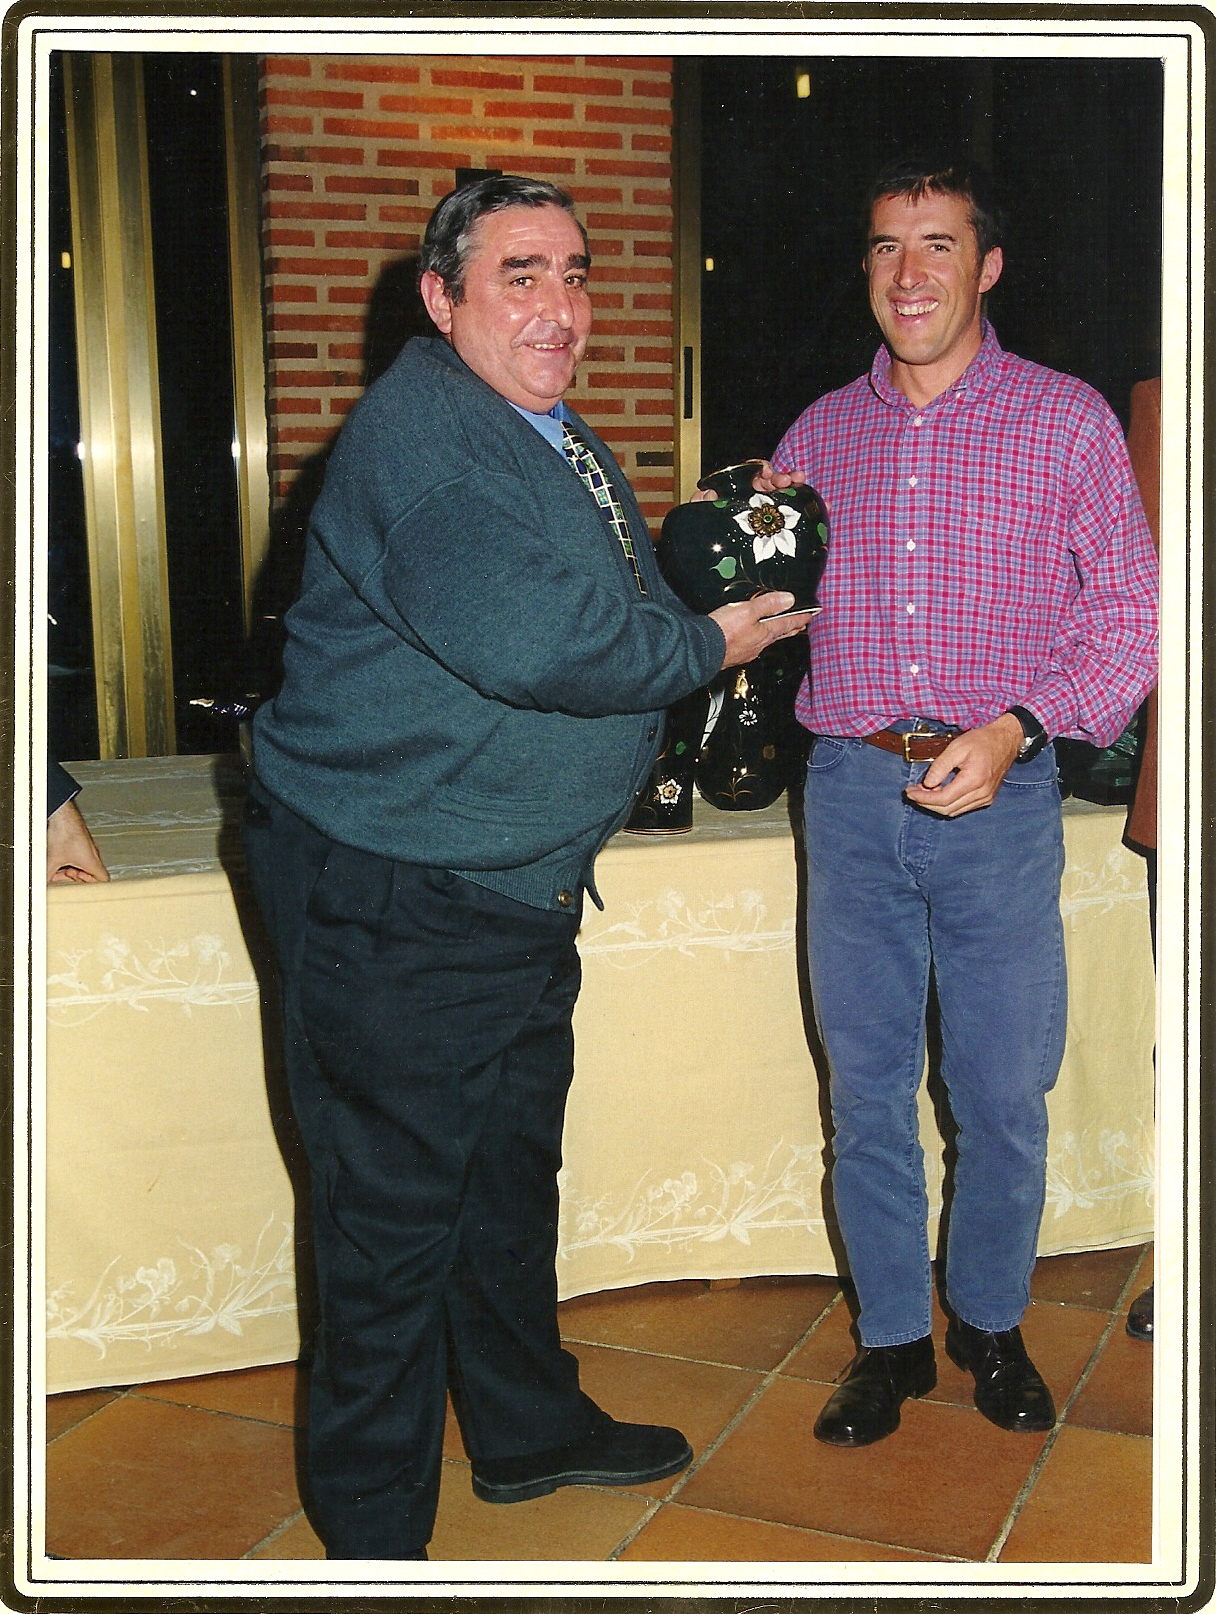 Reconocimiento a Don Eugenio Cuerdo en su apoyo a la Vuelta Cicloturista Internacional Pedro Delgado